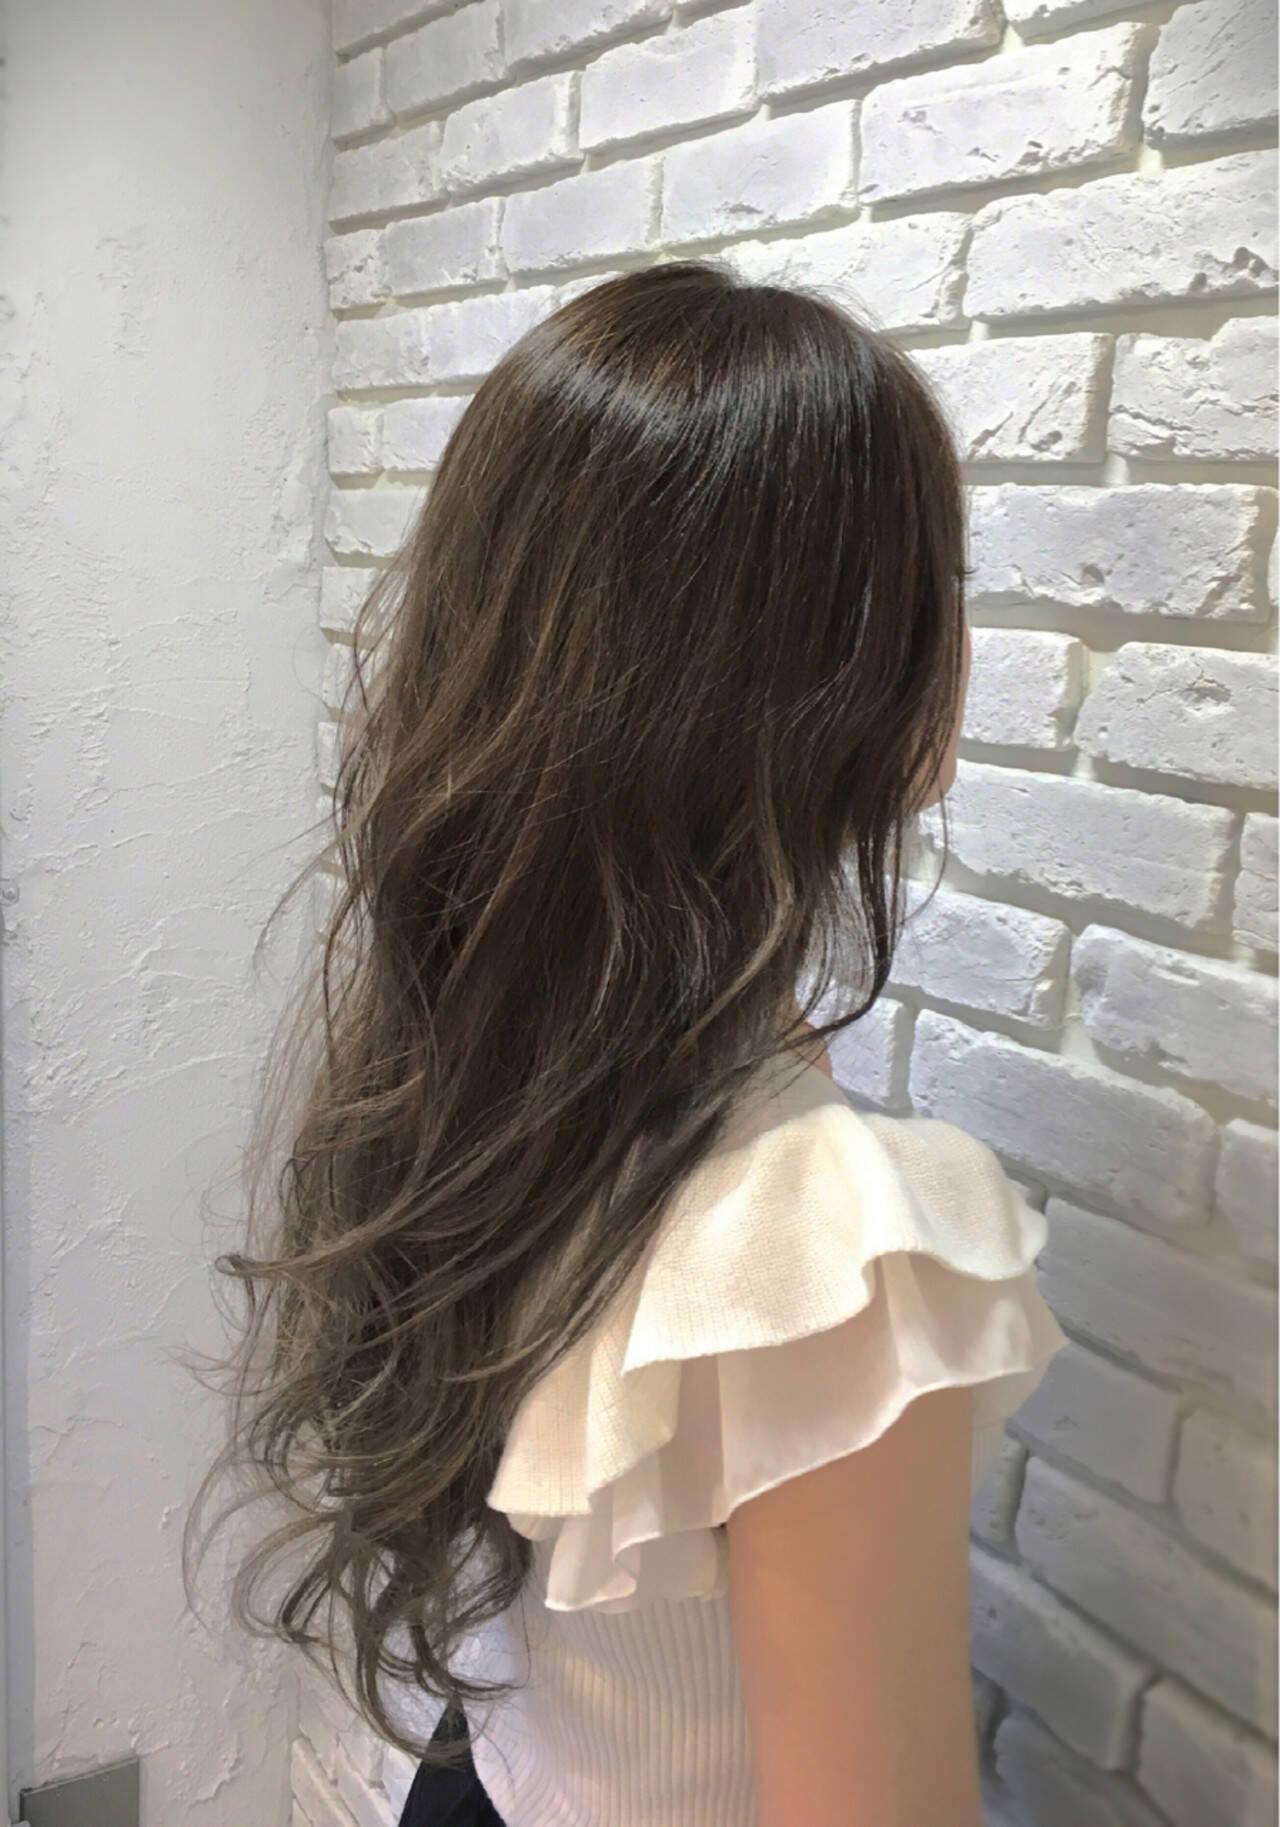 外国人風 グレージュ アッシュ ウェーブヘアスタイルや髪型の写真・画像